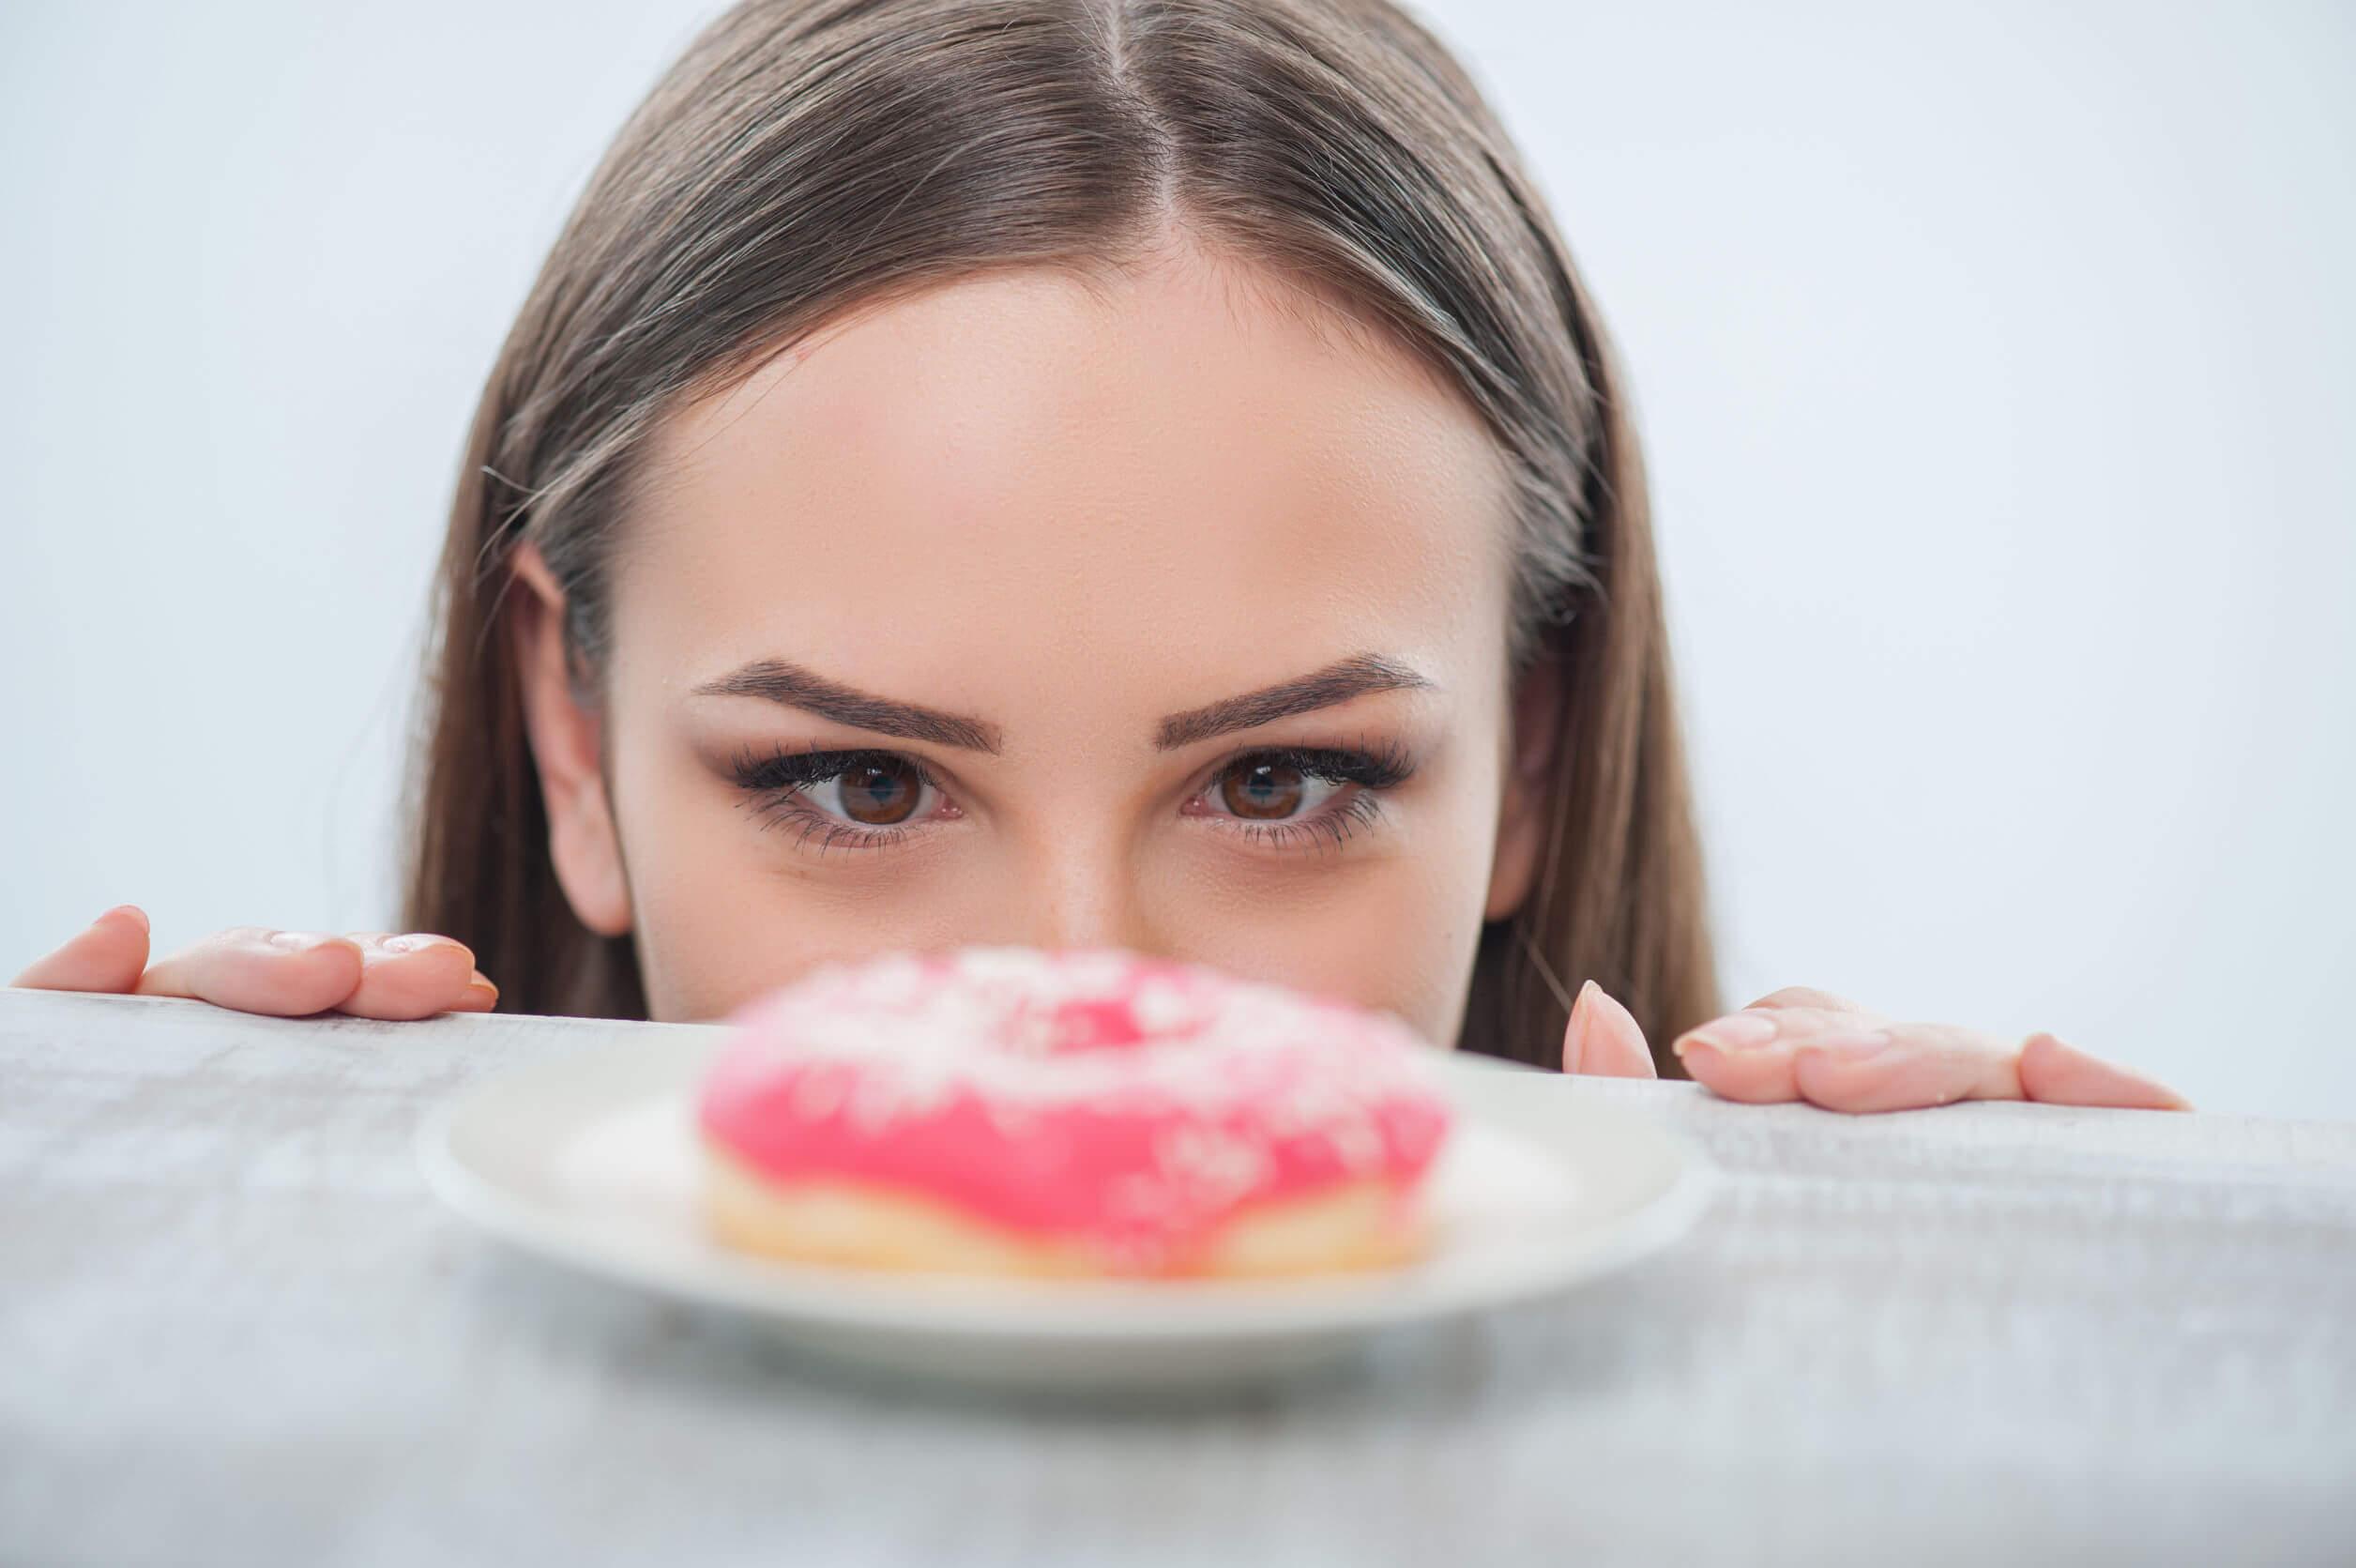 15 každodenných zvyklostí, ktoré škodia vašej pleti - Wellness Magazín